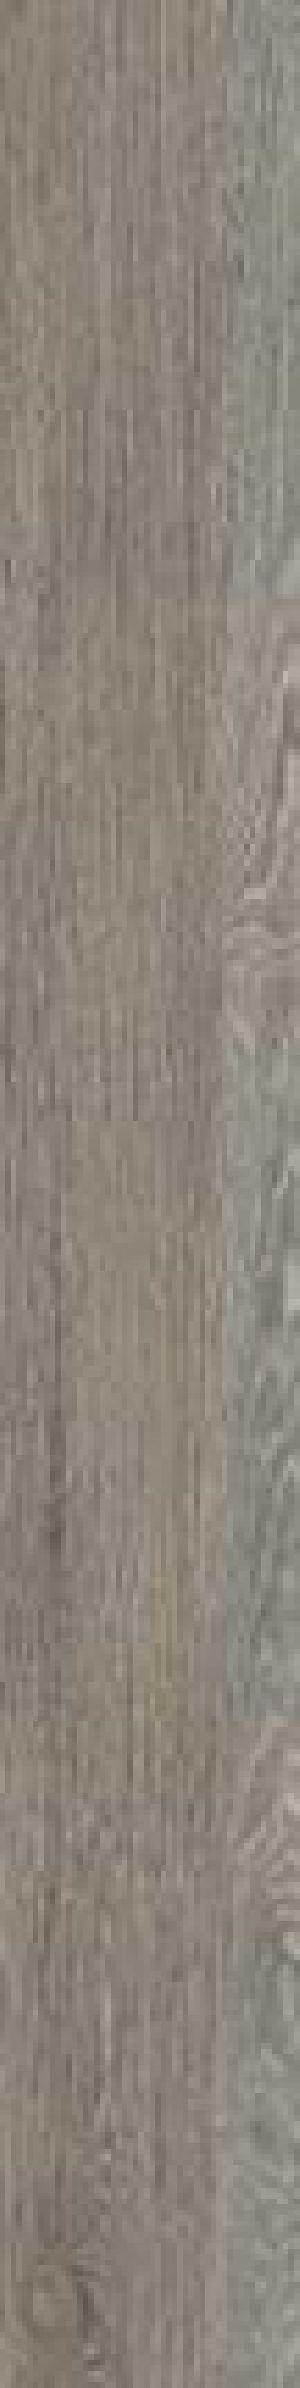 SCS Wood Silver Floor Tiles